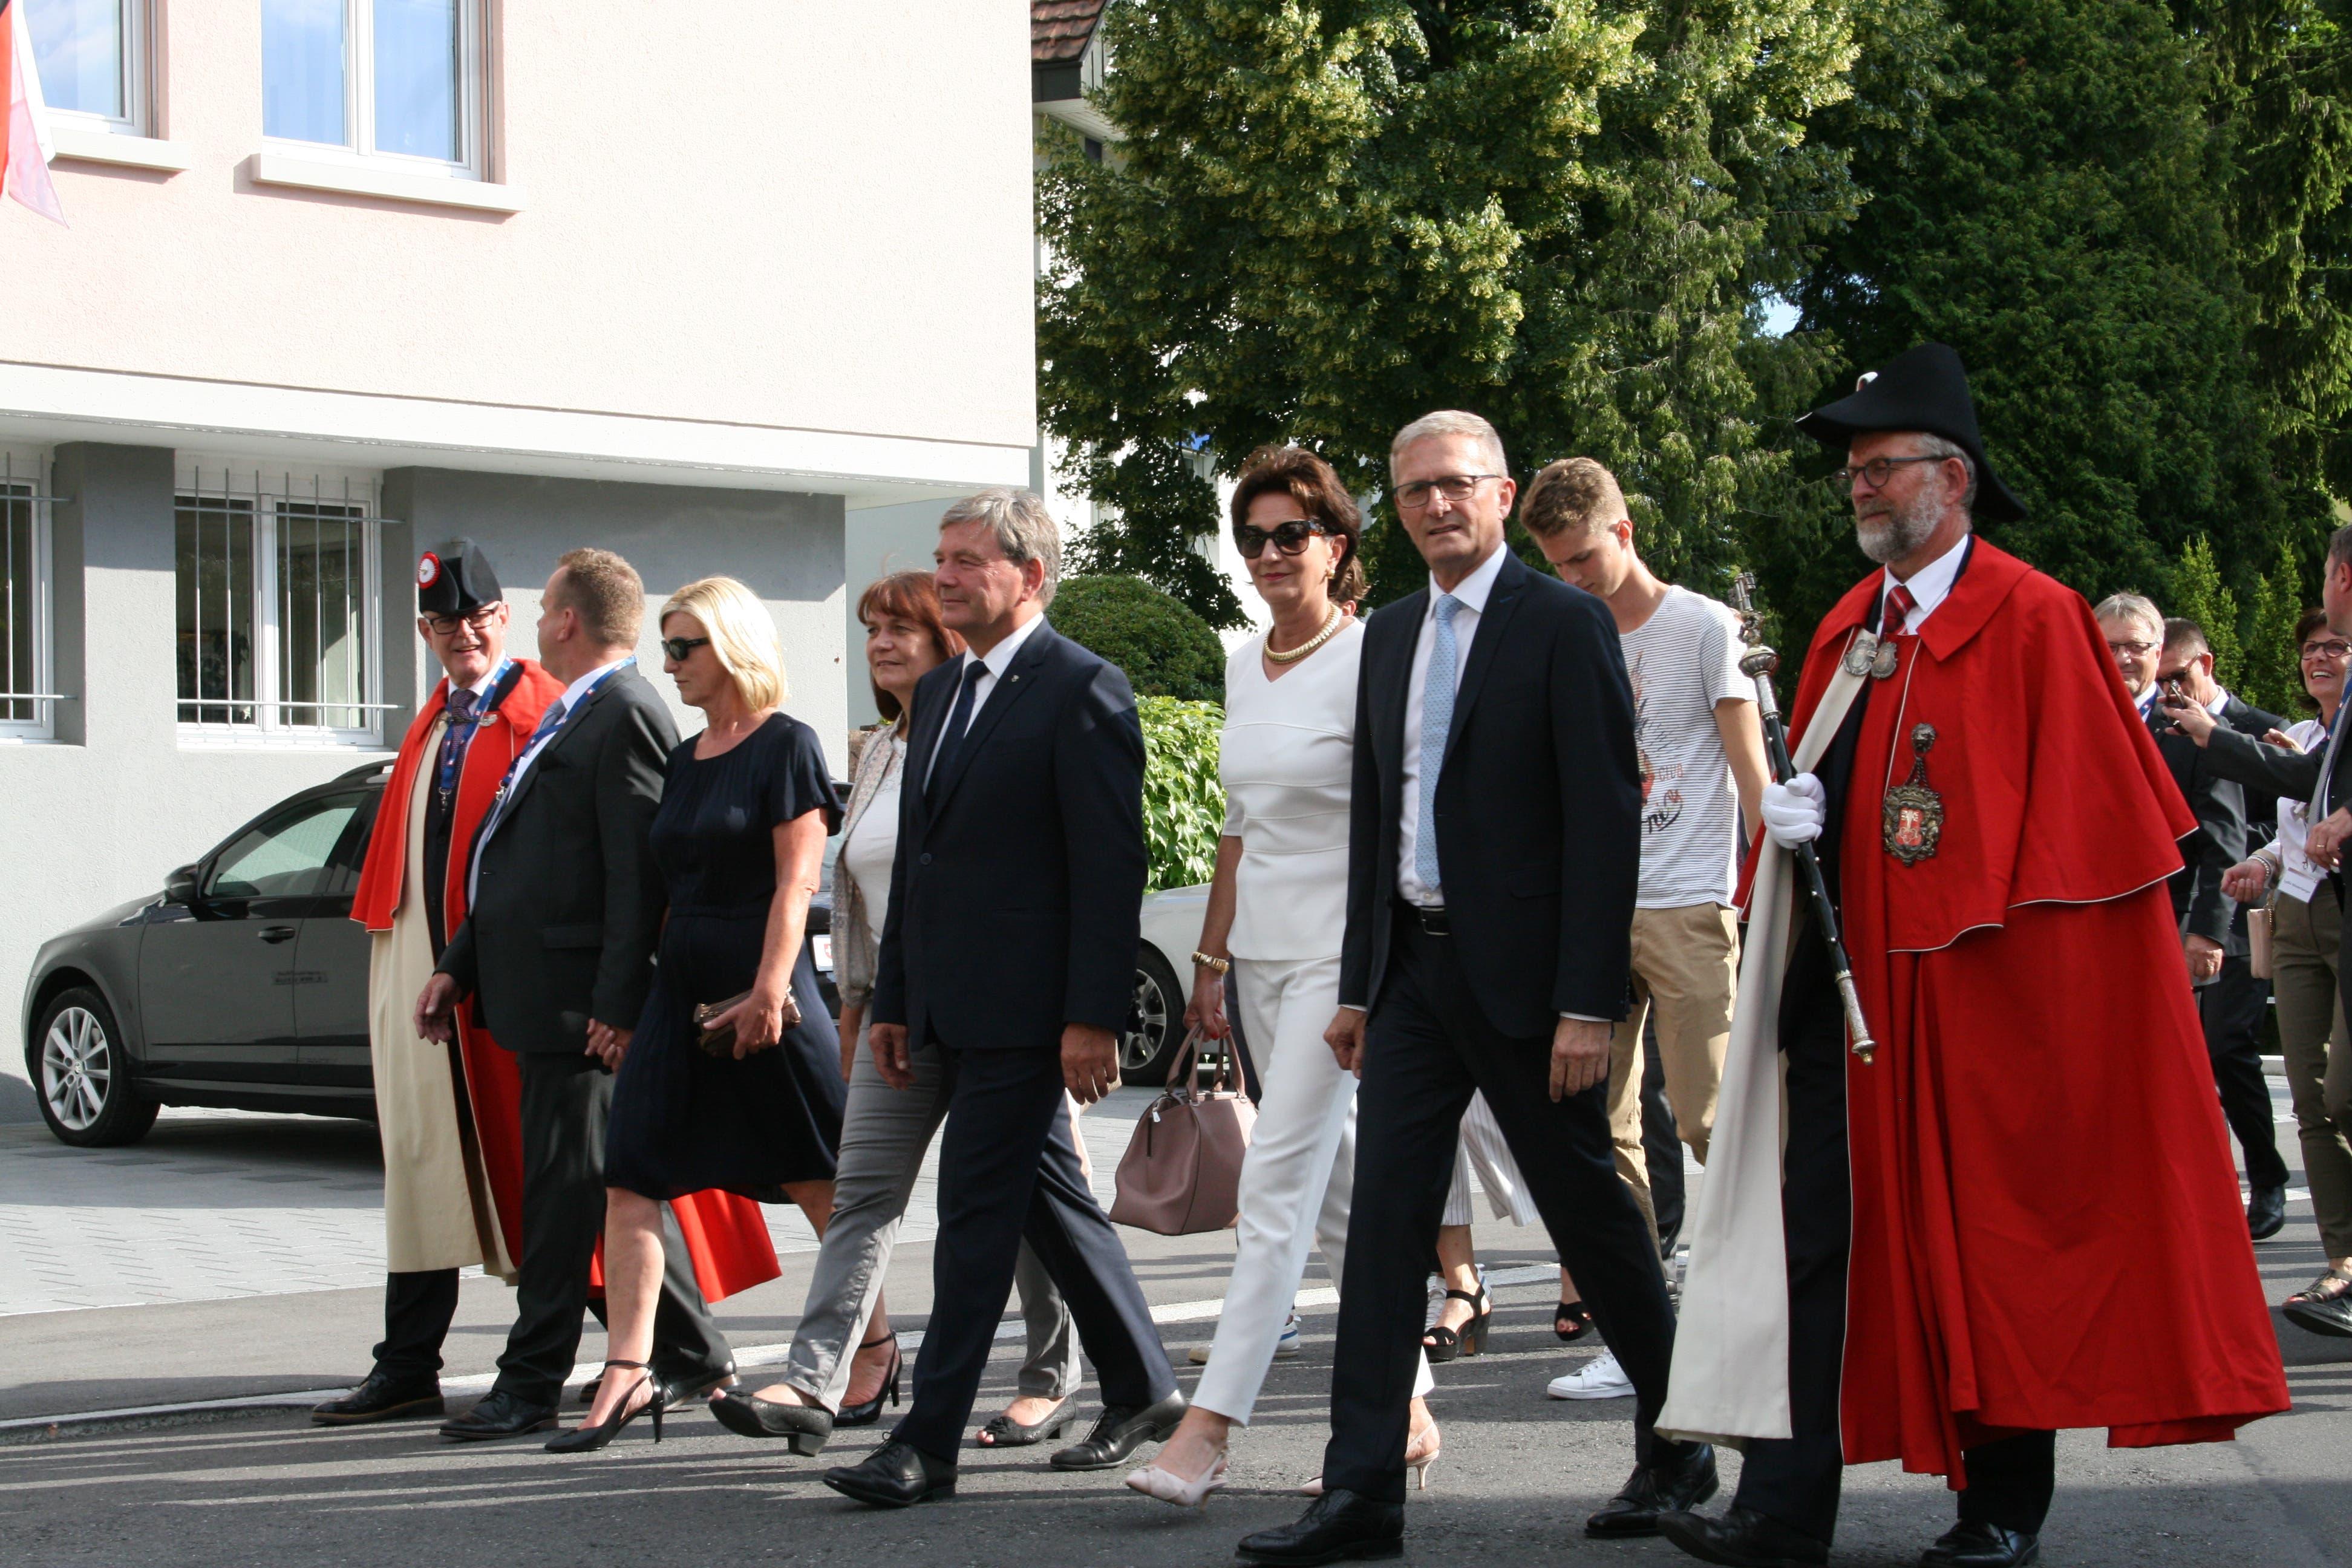 Die Hauptpersonen der Feier: Landammann Res Schmid (Mitte) und Landratspräsident Ruedi Waser (rechts davon mit hellblauer Krawatte). (Bild: Sepp Odermatt (Stansstad, 27. Juni 2018))